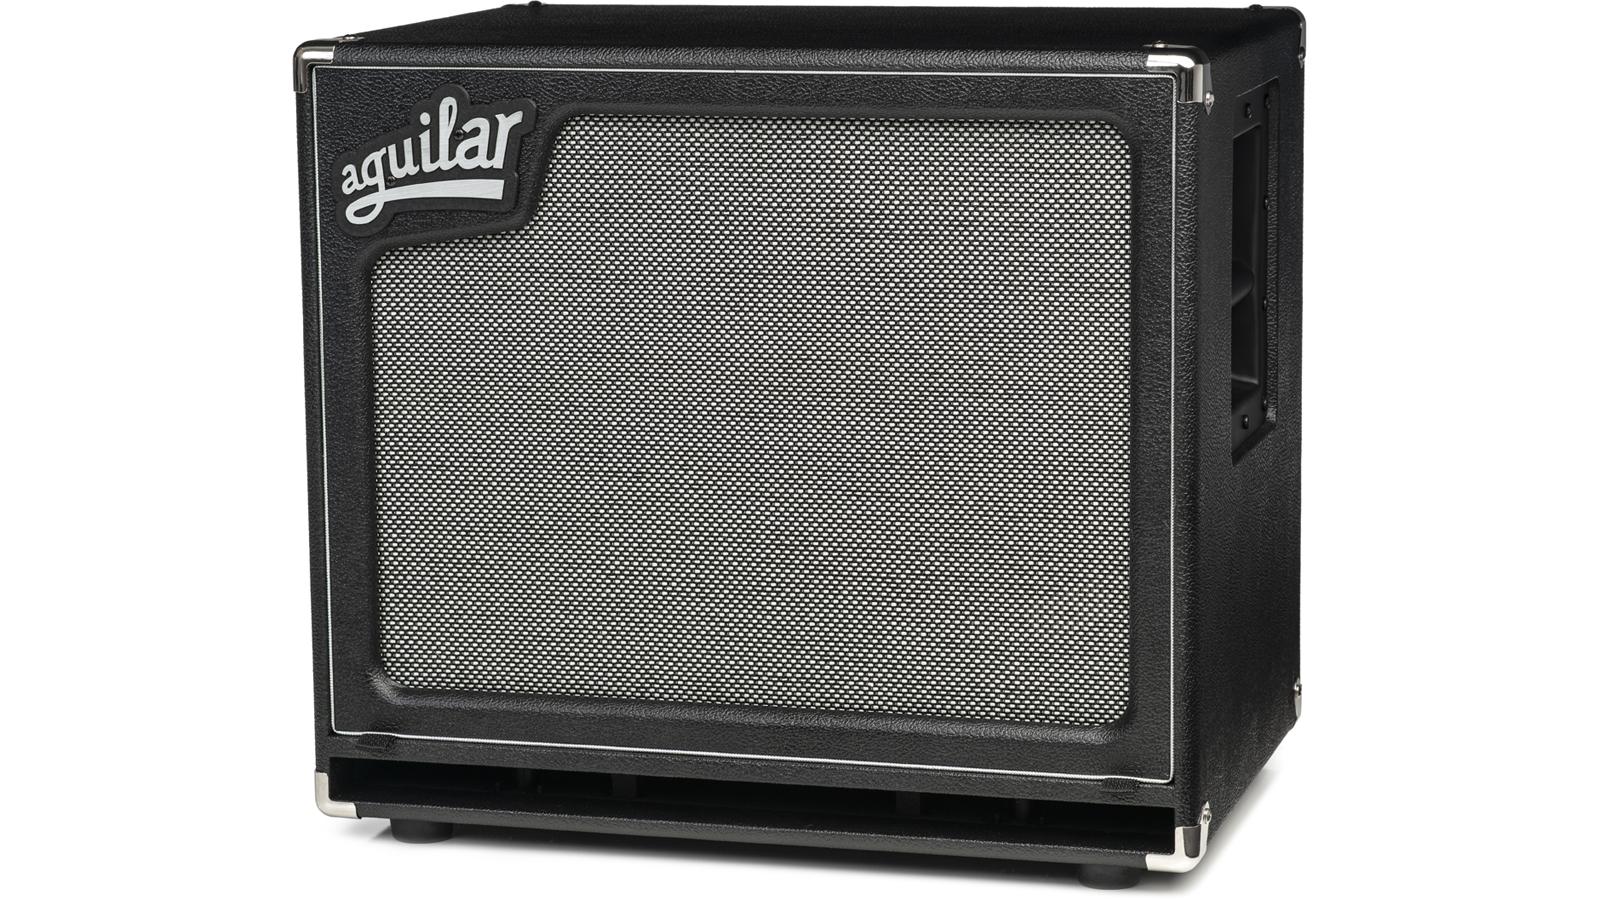 Aguilar SL115 1x15 400 W 8 Ohm 15,4 kg